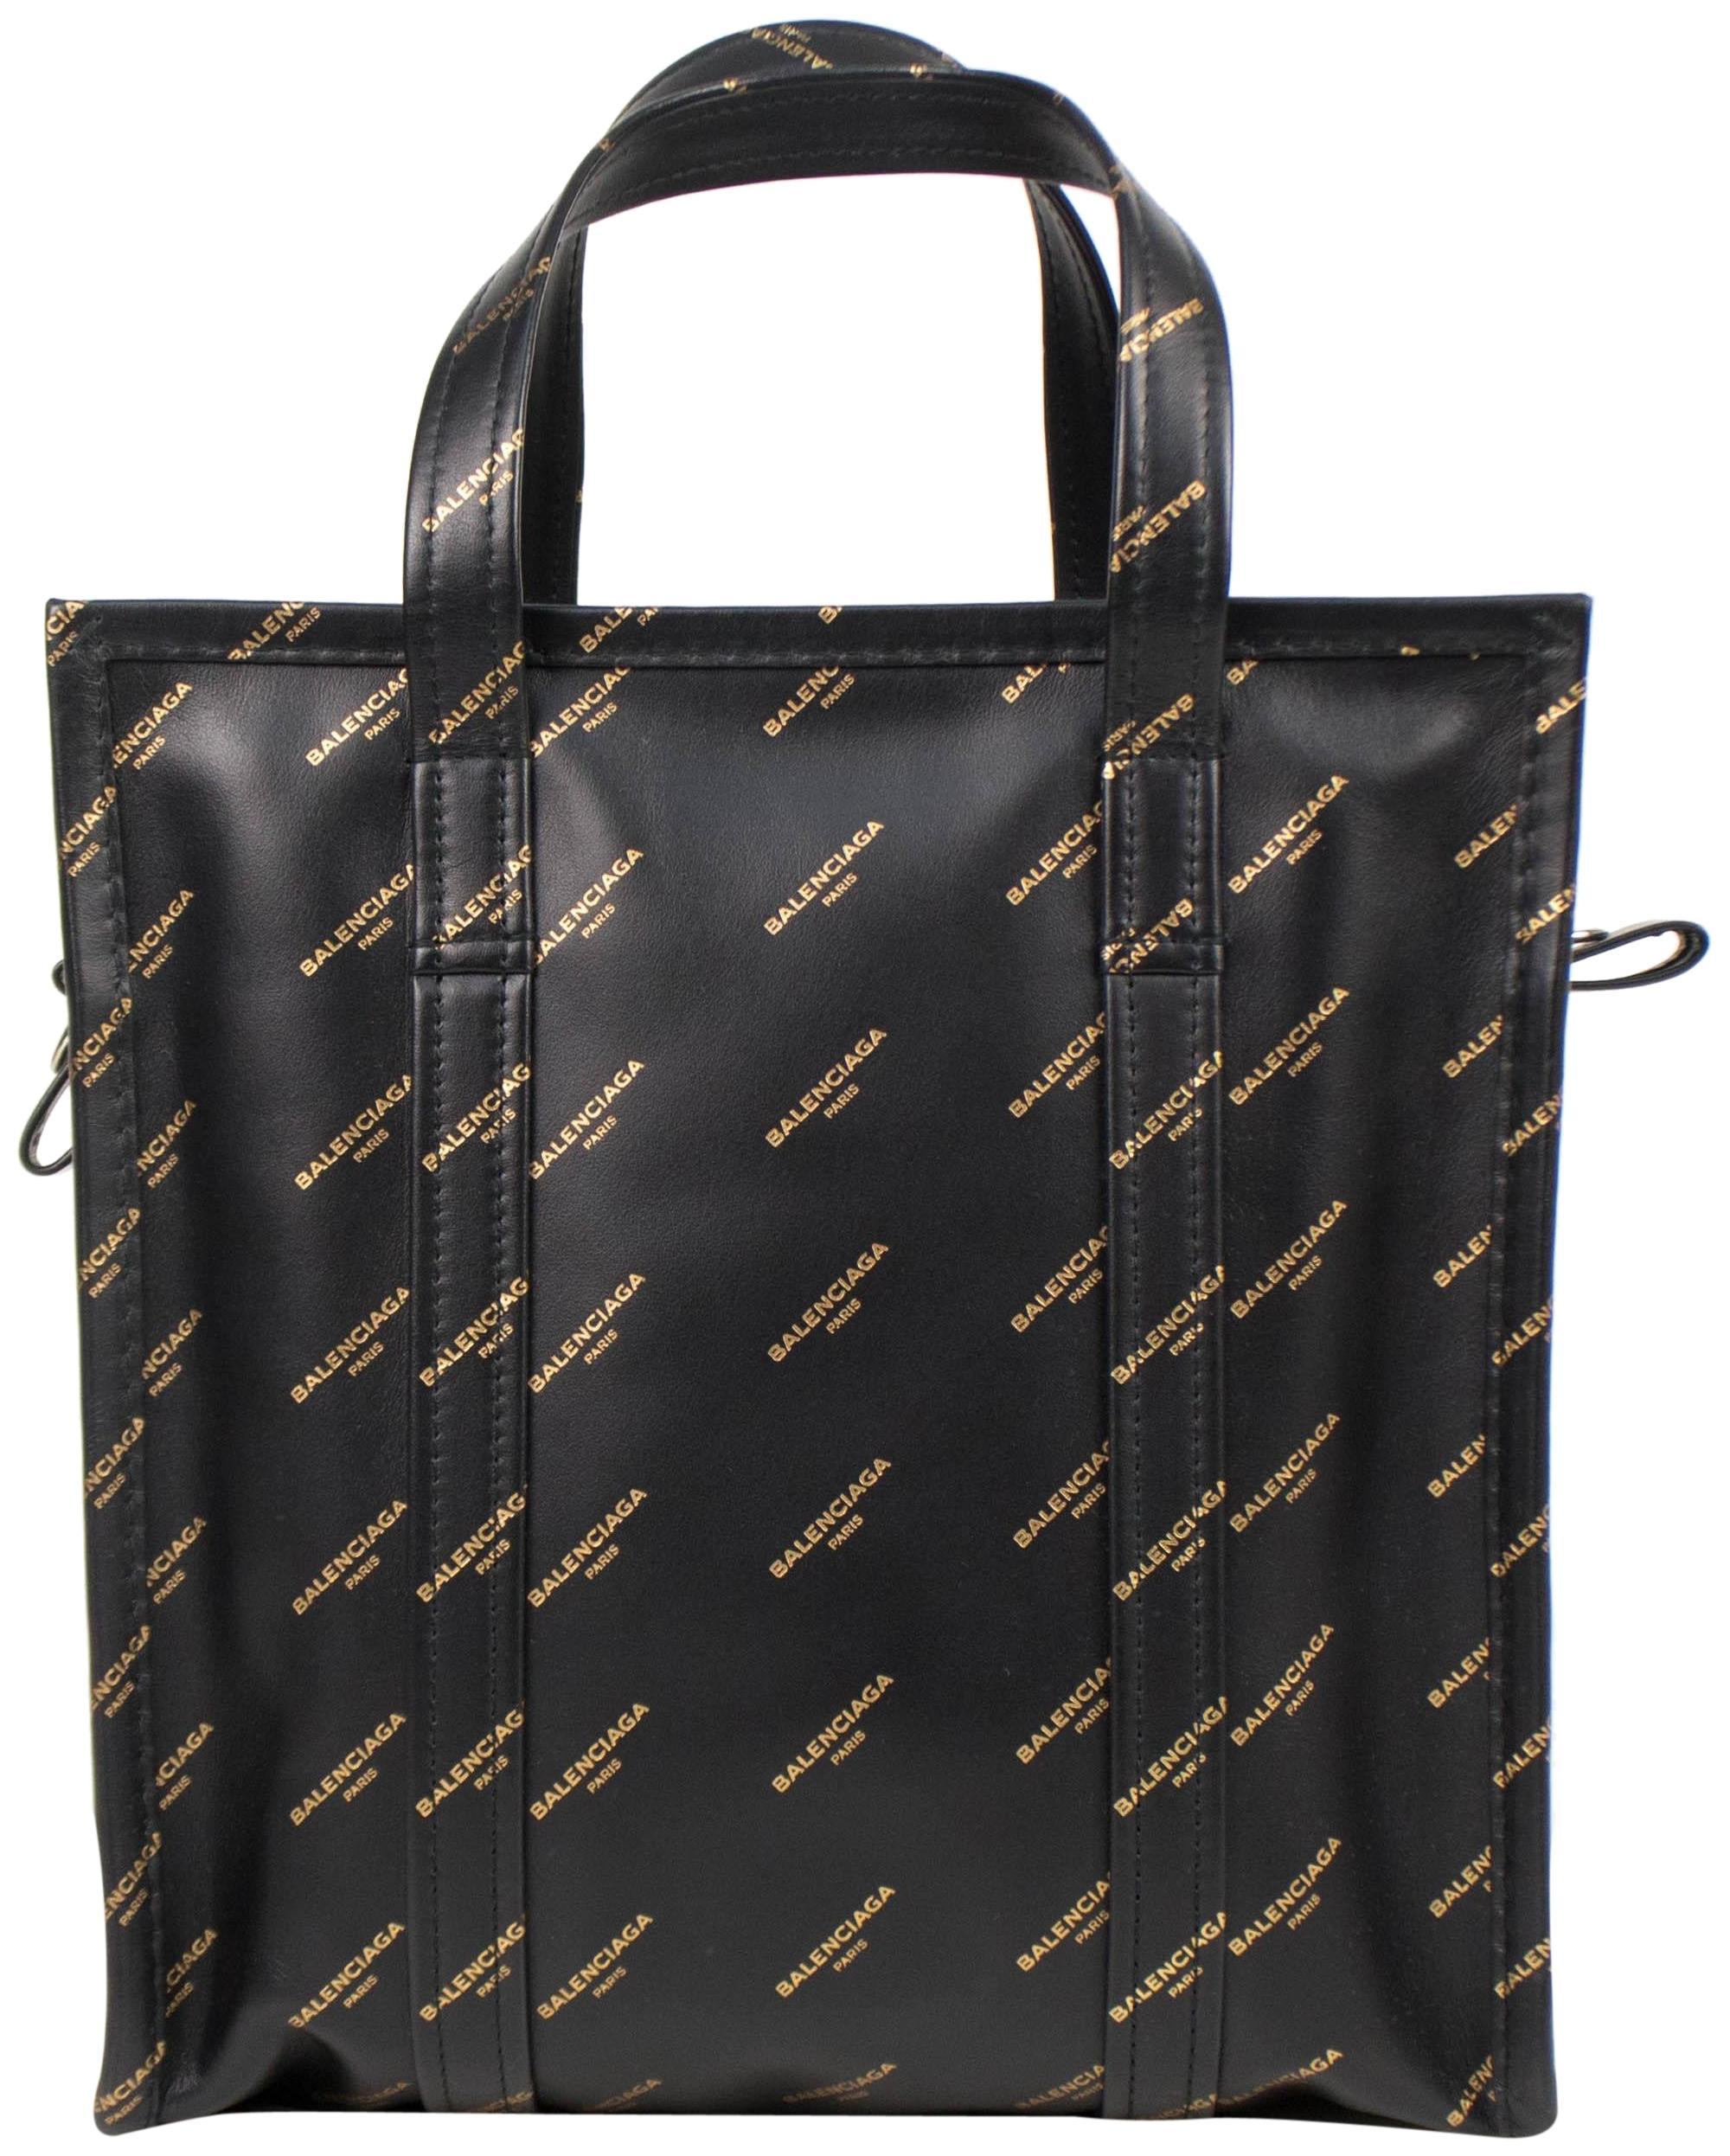 Balenciaga Shopper Bazar All Over Logo Small Black